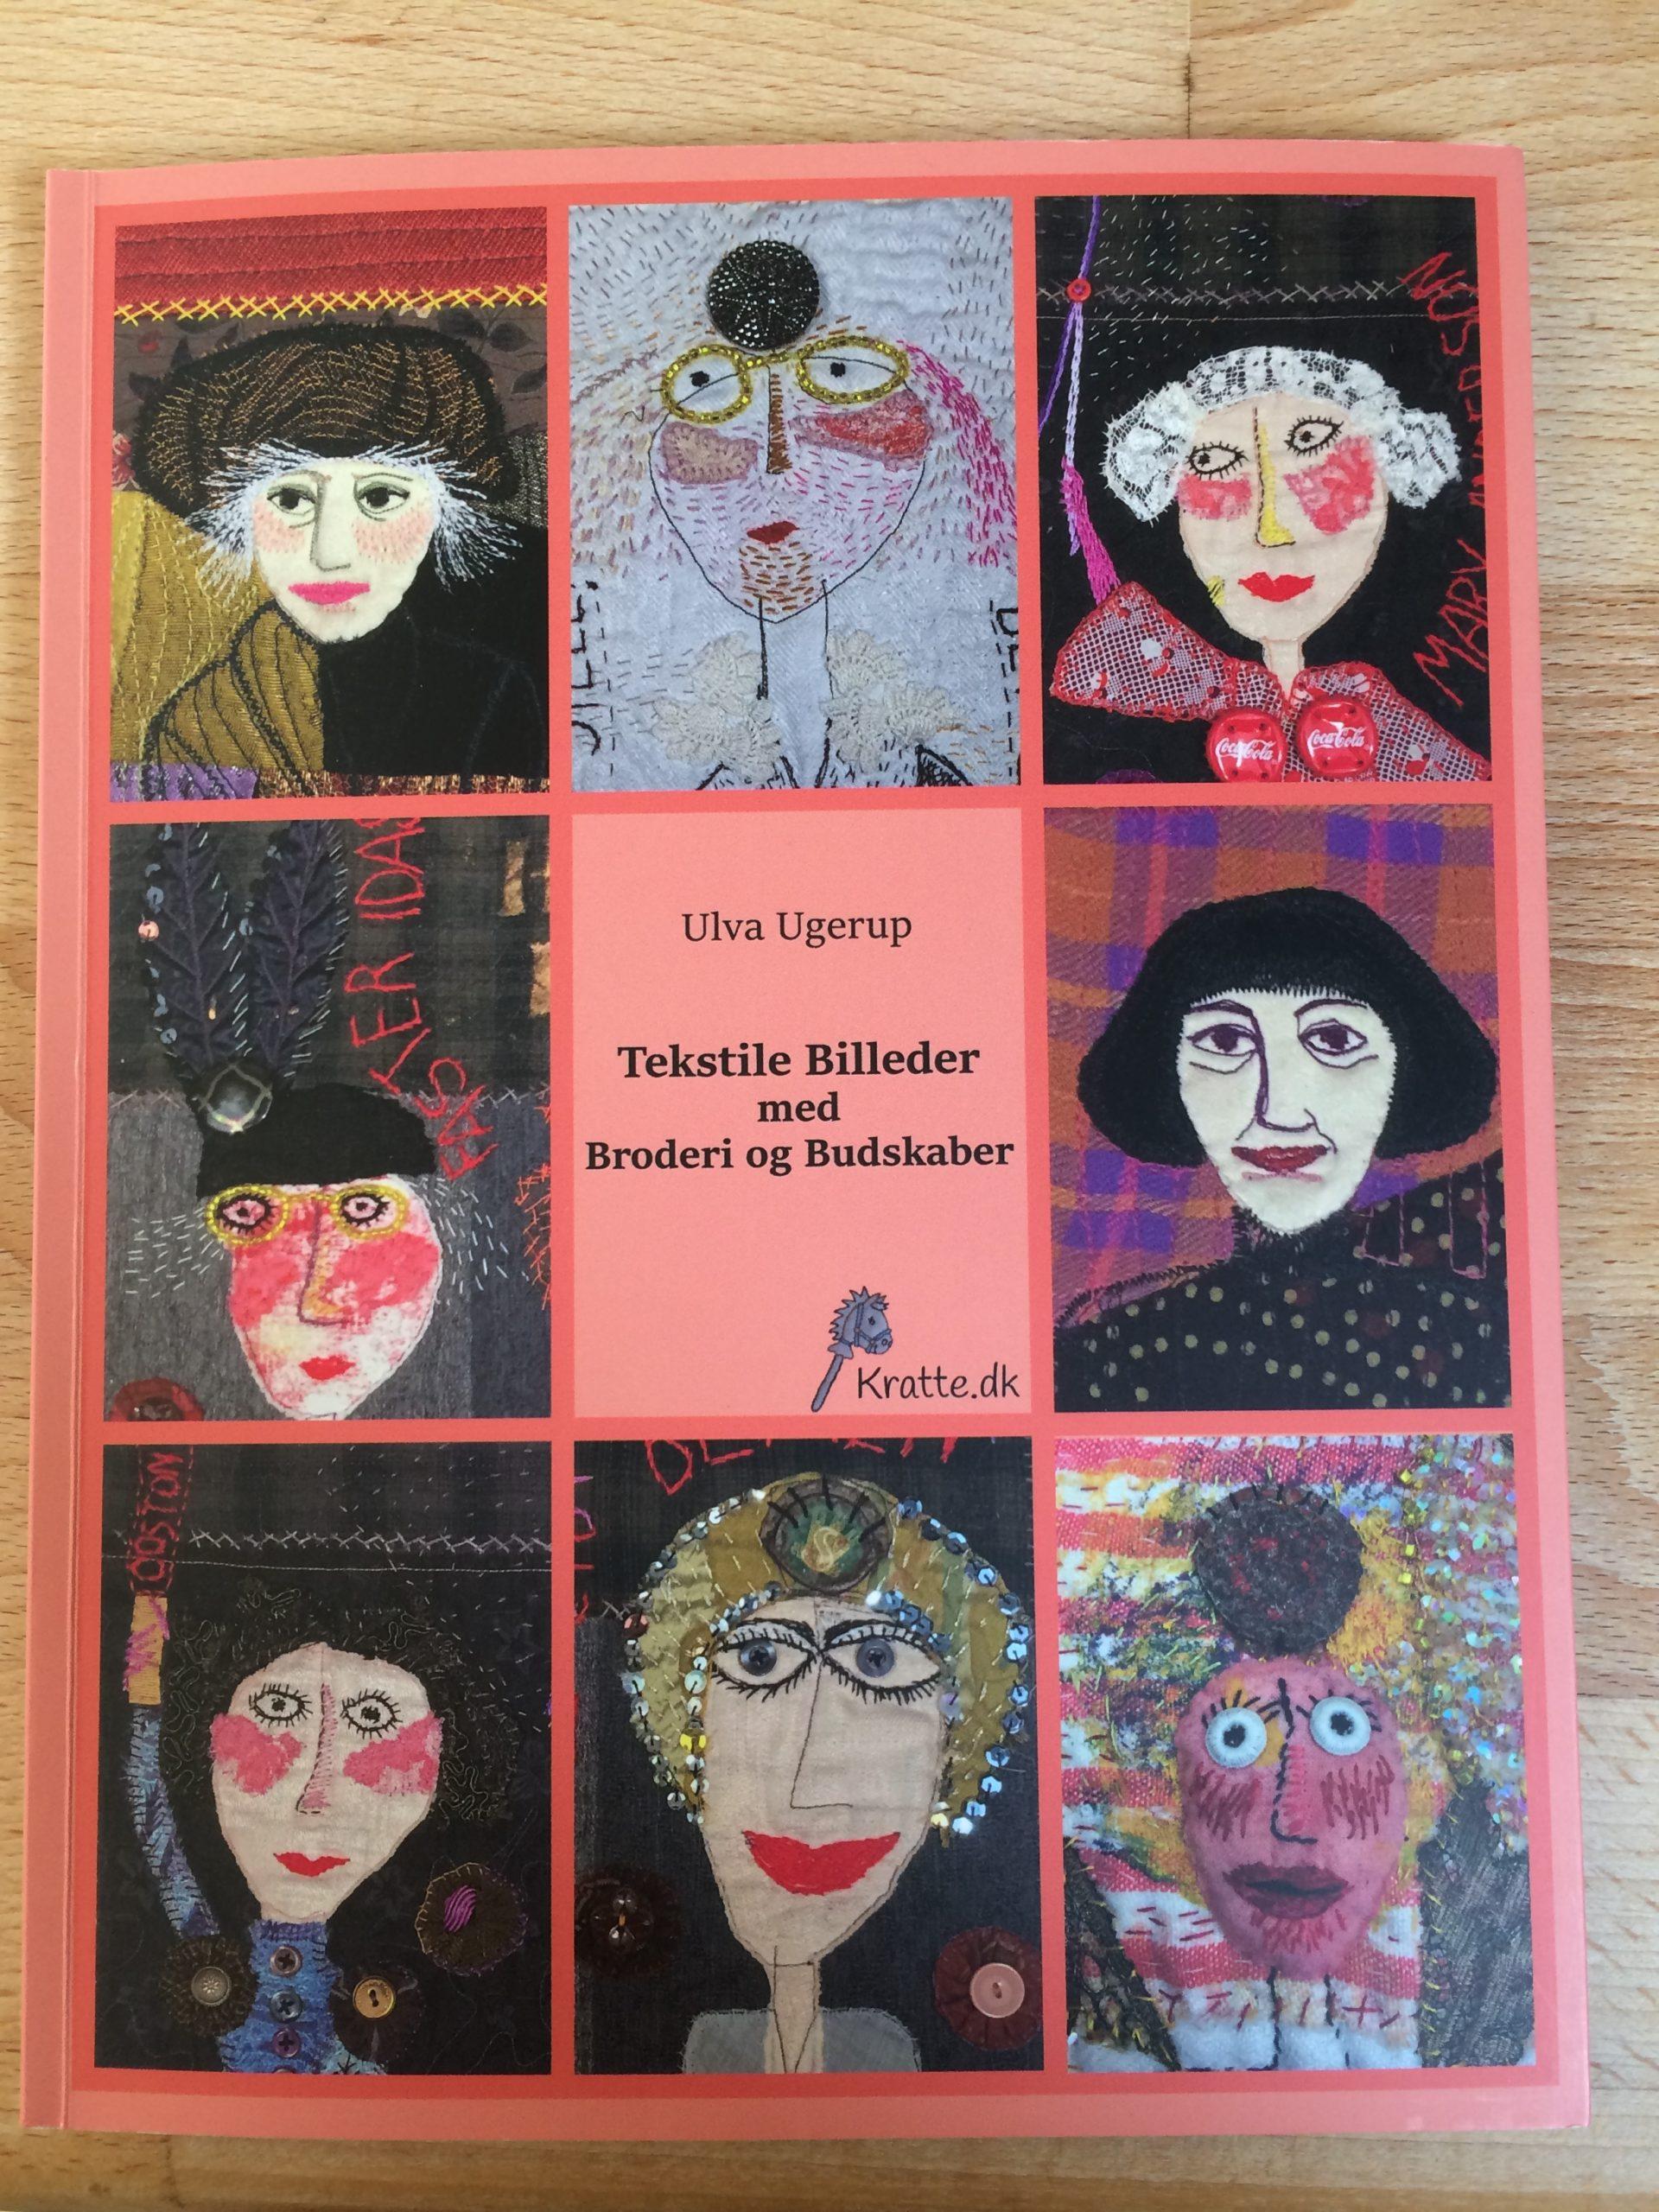 Tekstile Billeder med Broderi og Budskaber Book Cover